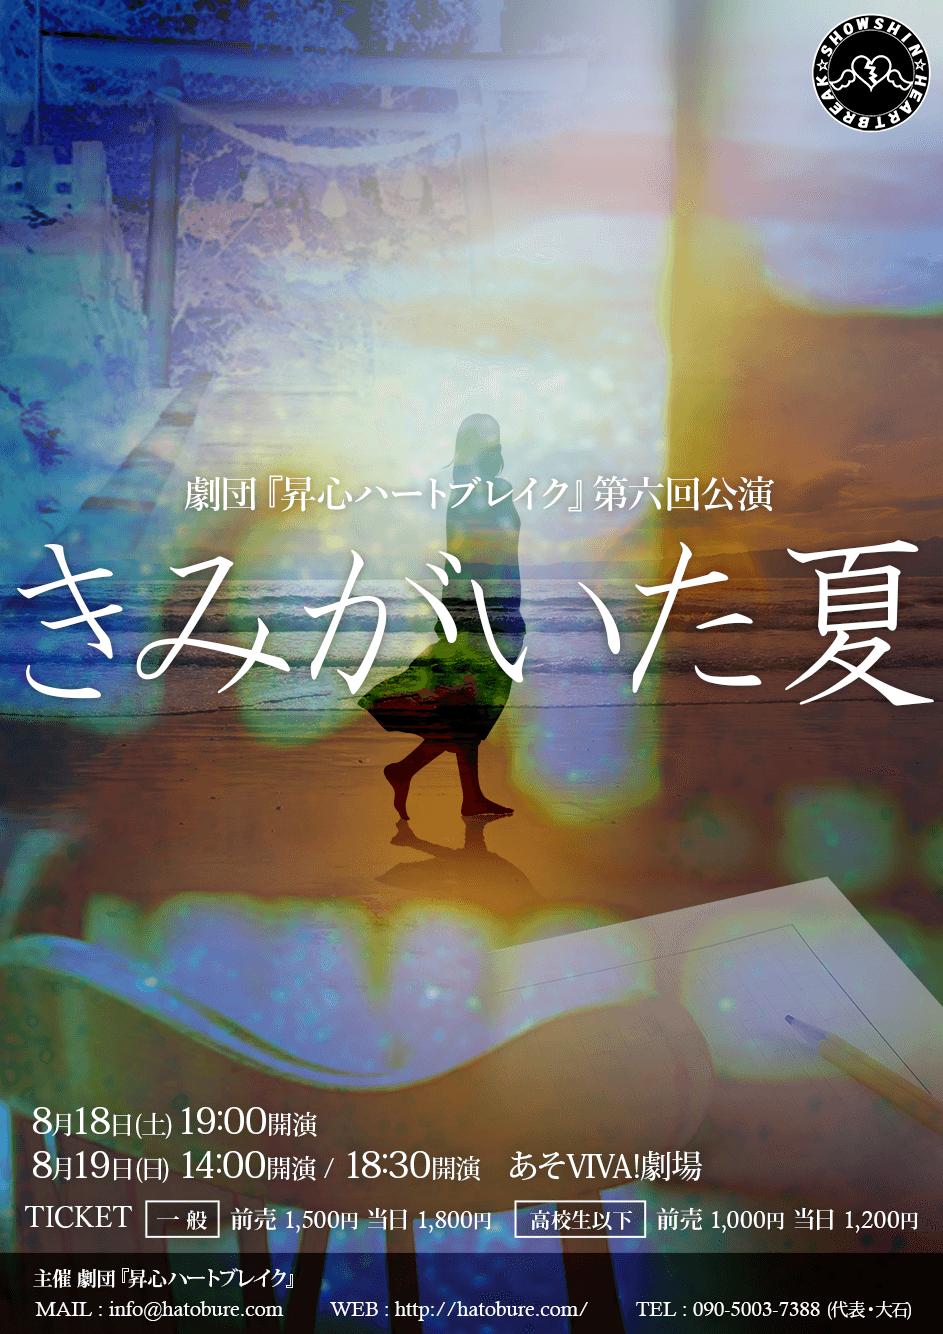 劇団『昇心ハートブレイク』第六回公演 【きみがいた夏】